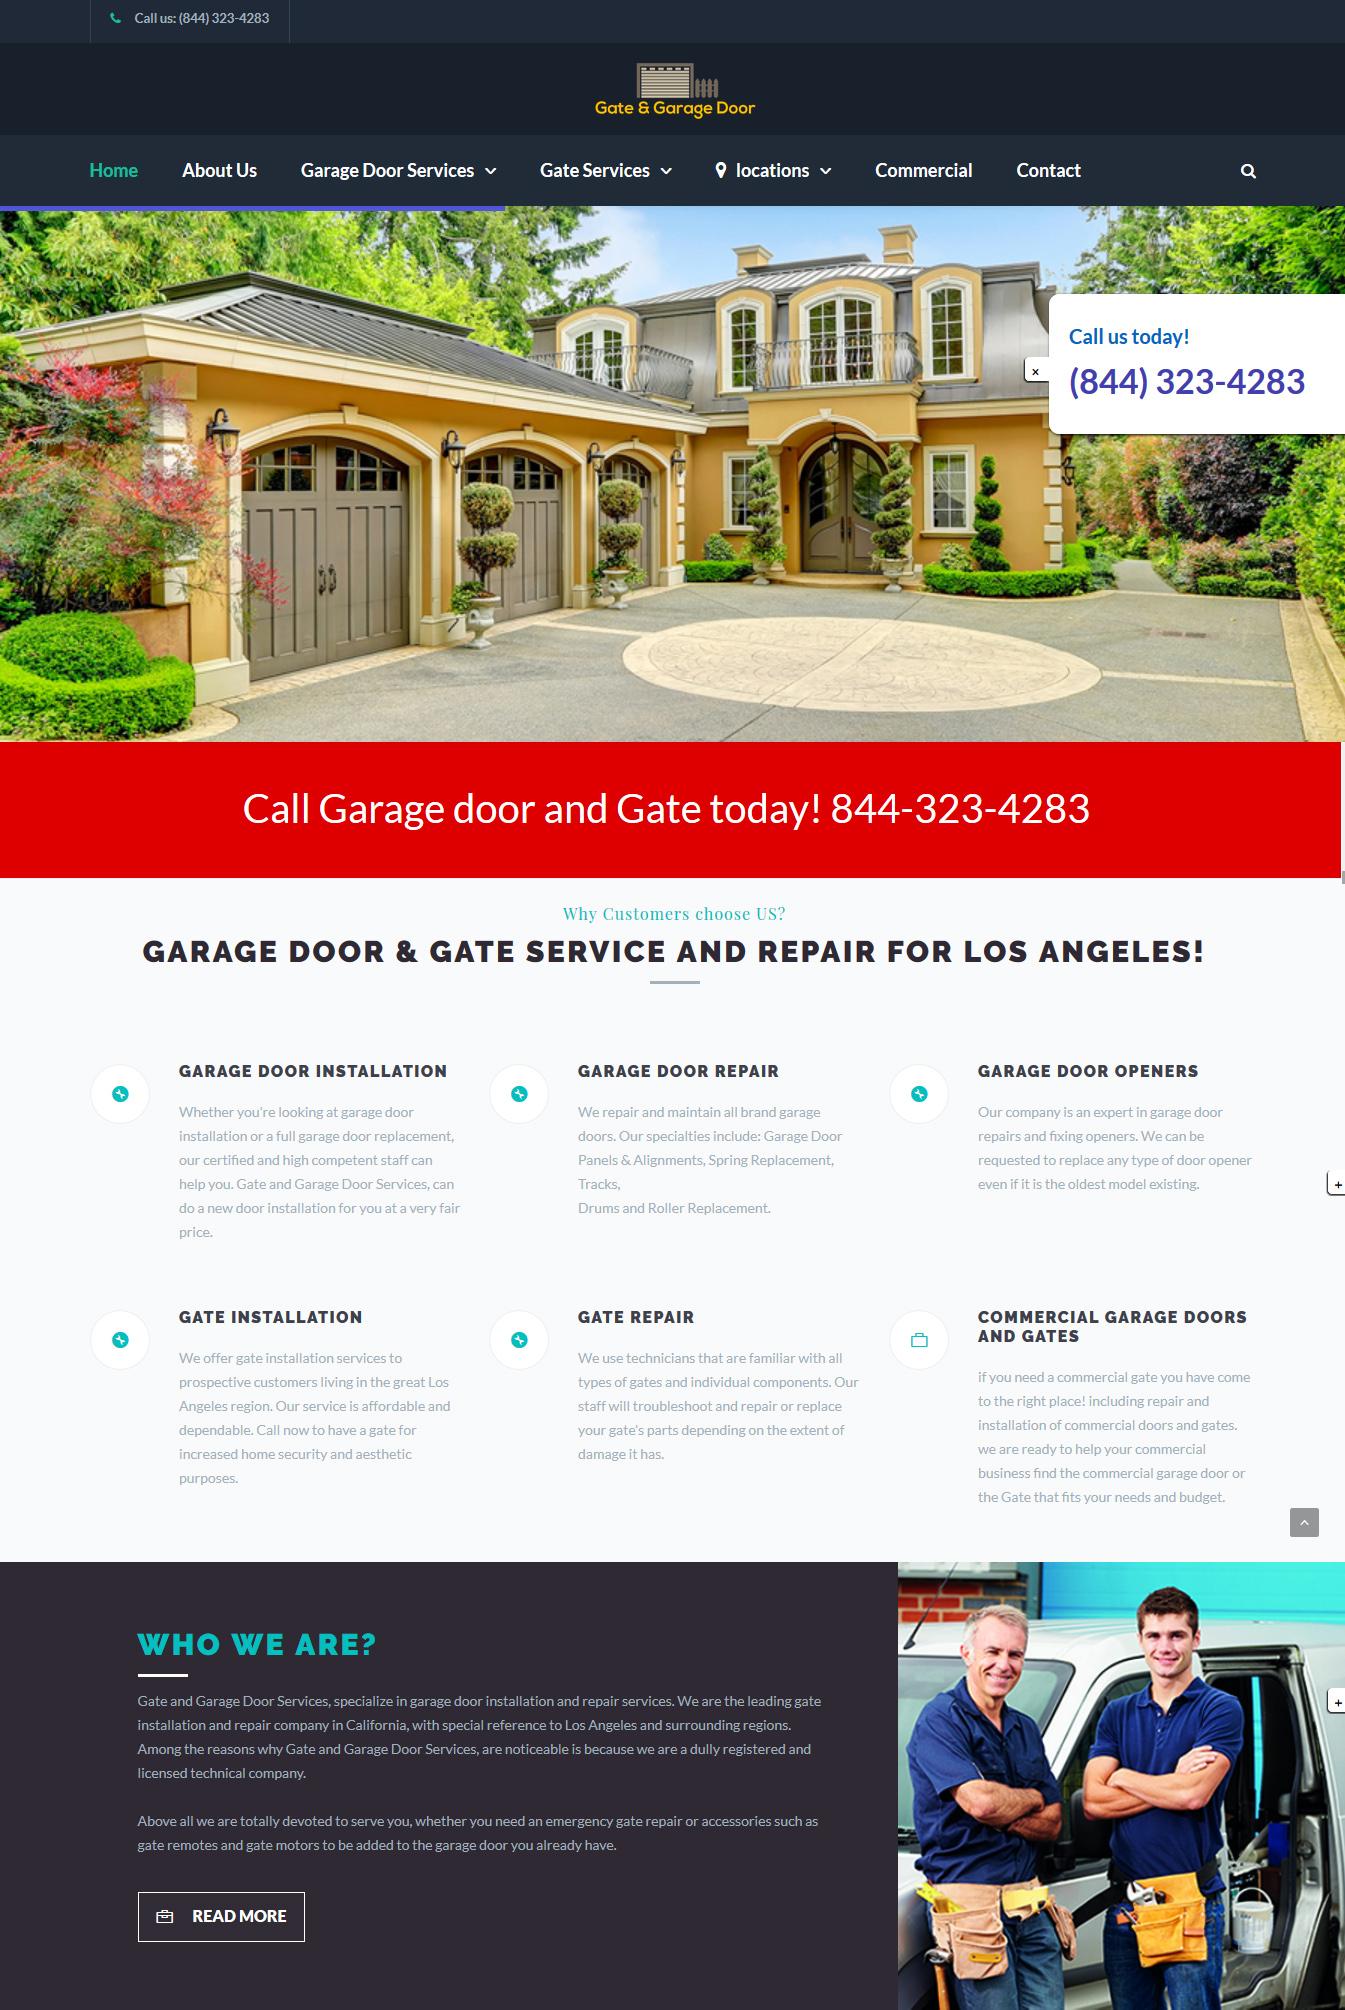 Garage door and Gate